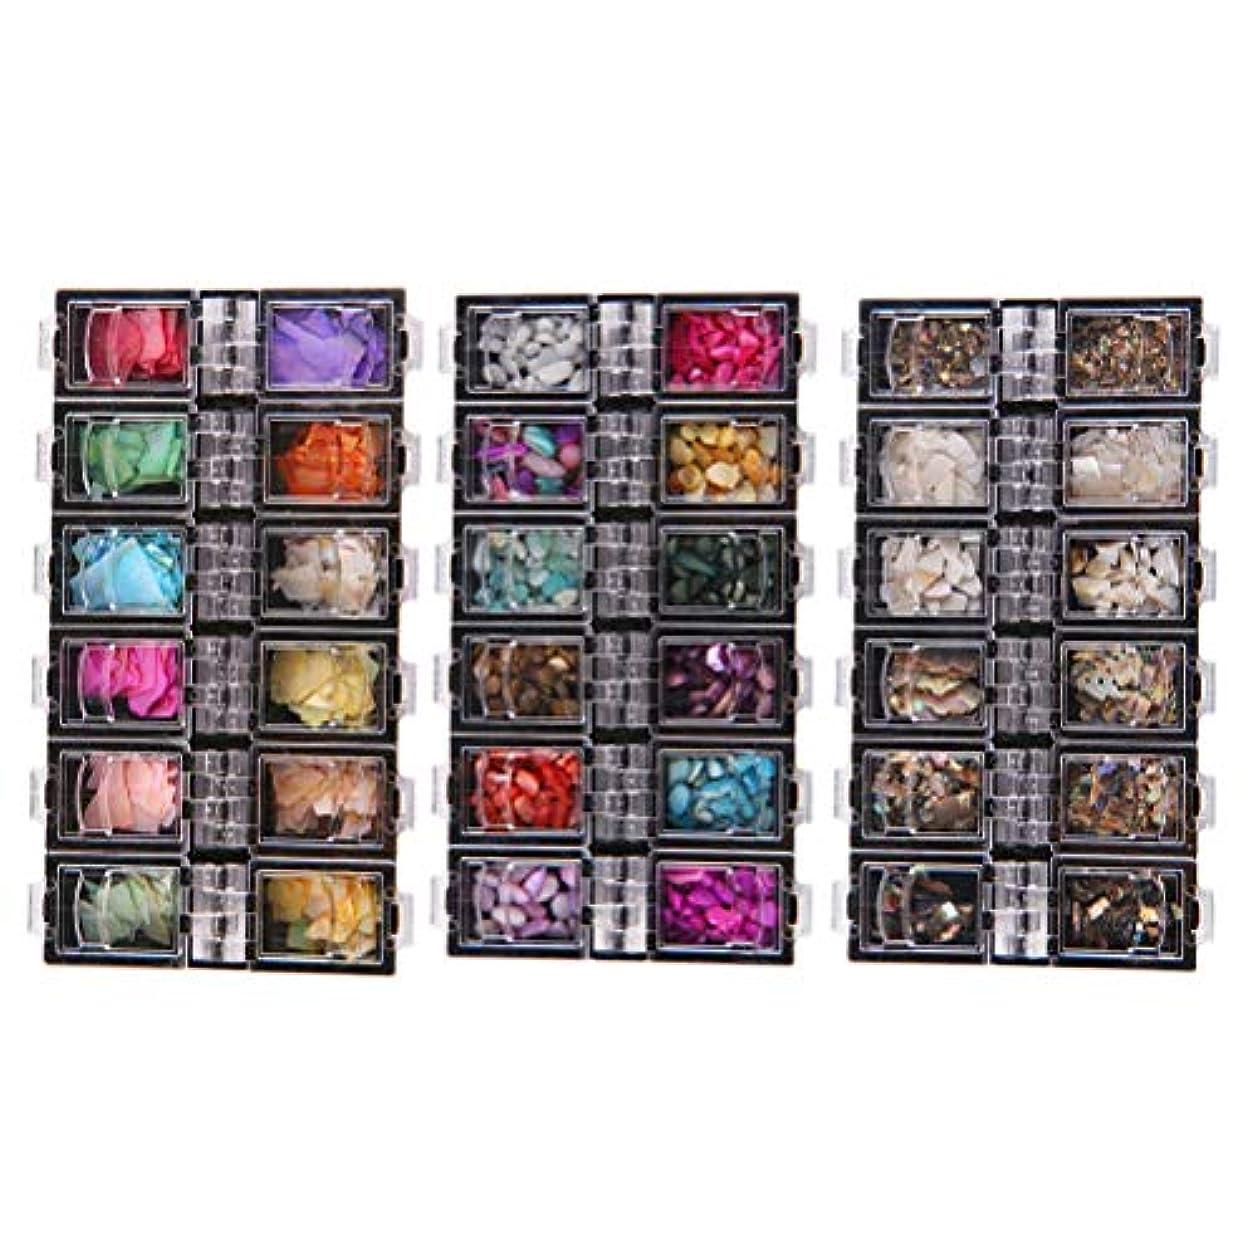 分類堂々たる規制するLurrose 3セット自然海3dチャームネイルアートハイライトネイルスパンコールdiyネイル美容アクセサリー